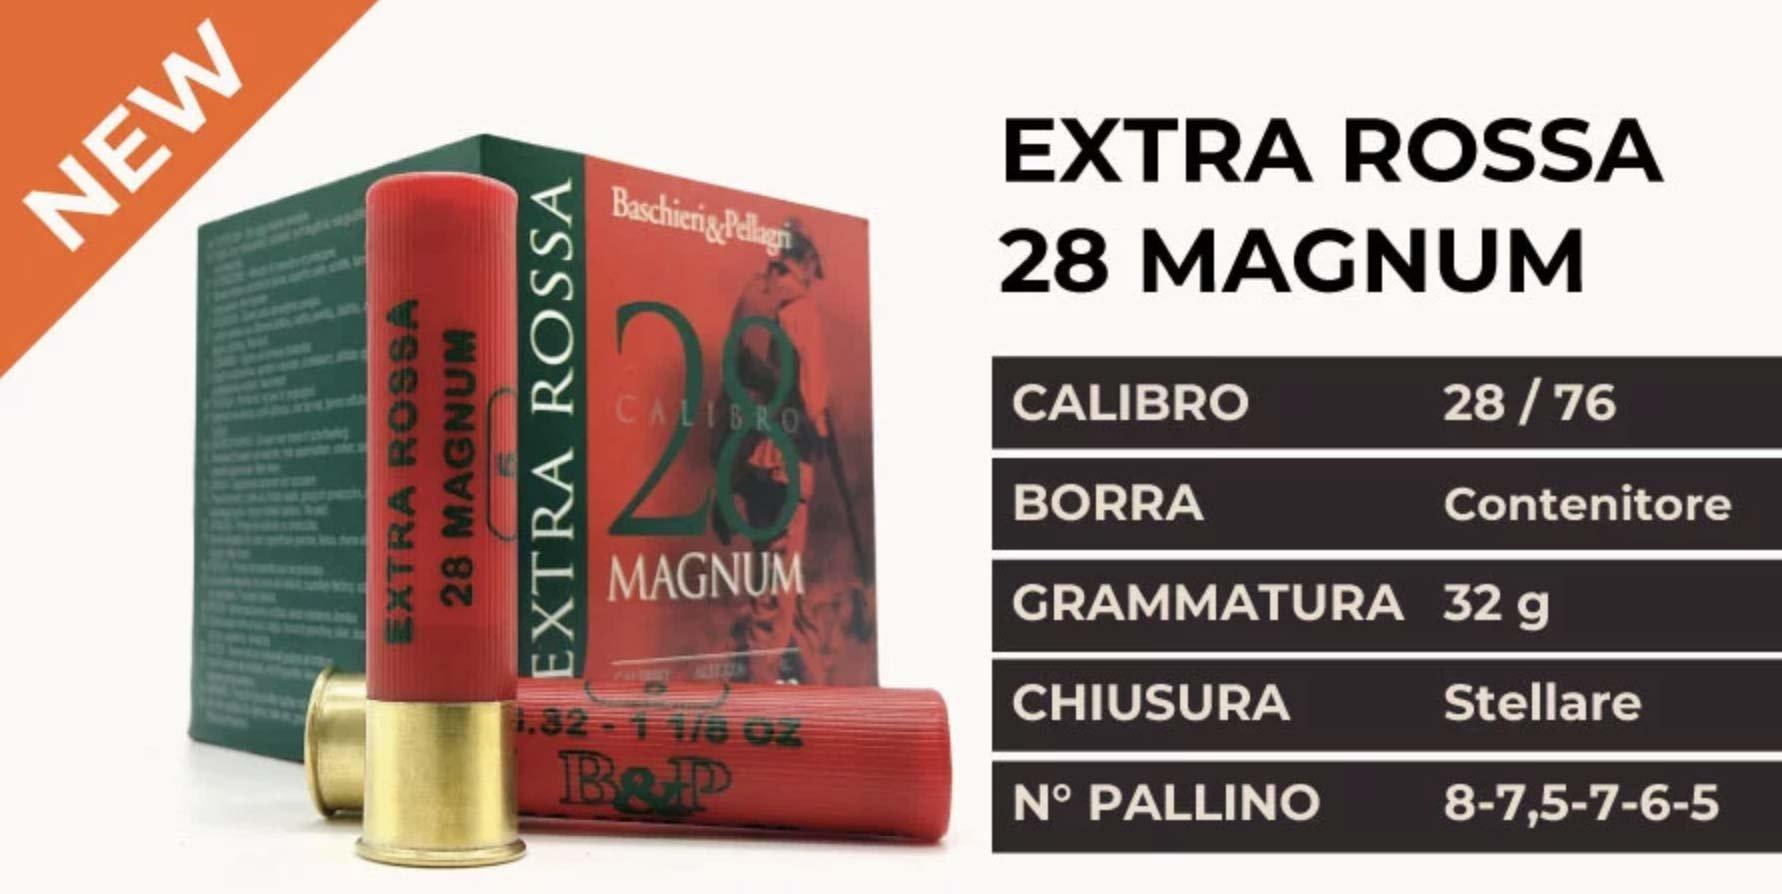 Extra-Rossa-Magnum-32